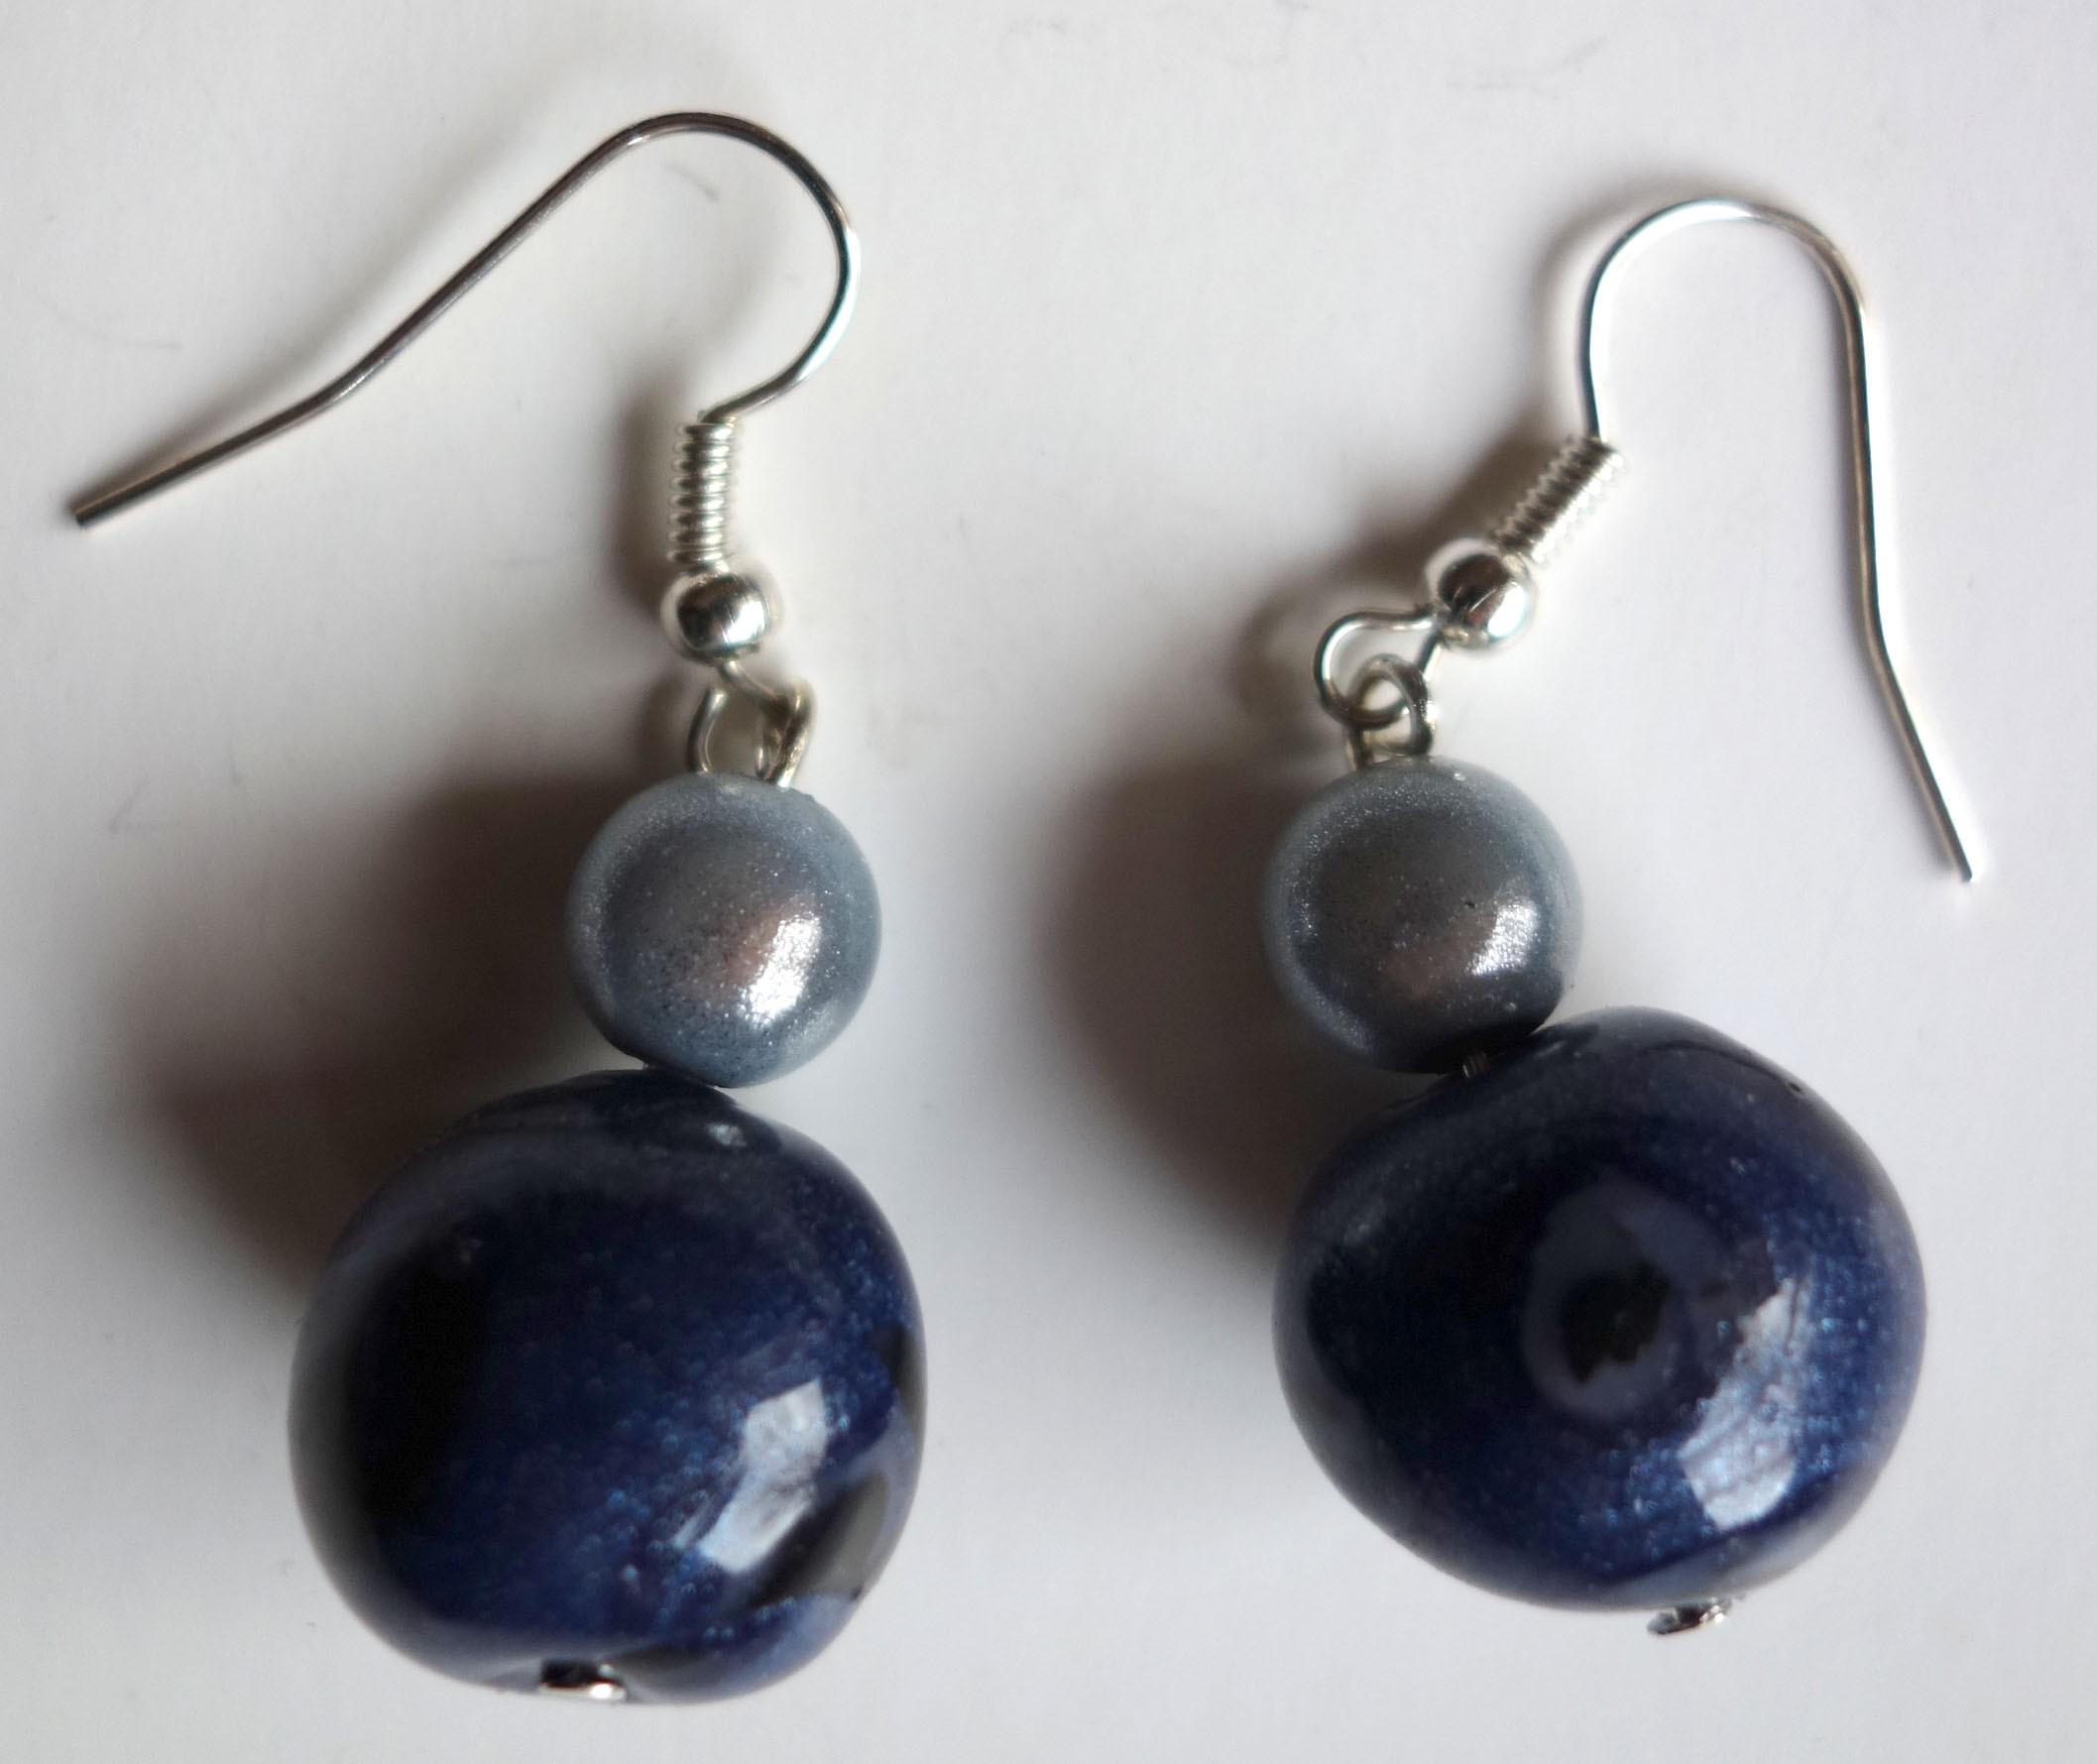 Boucle d'oreille perle noire